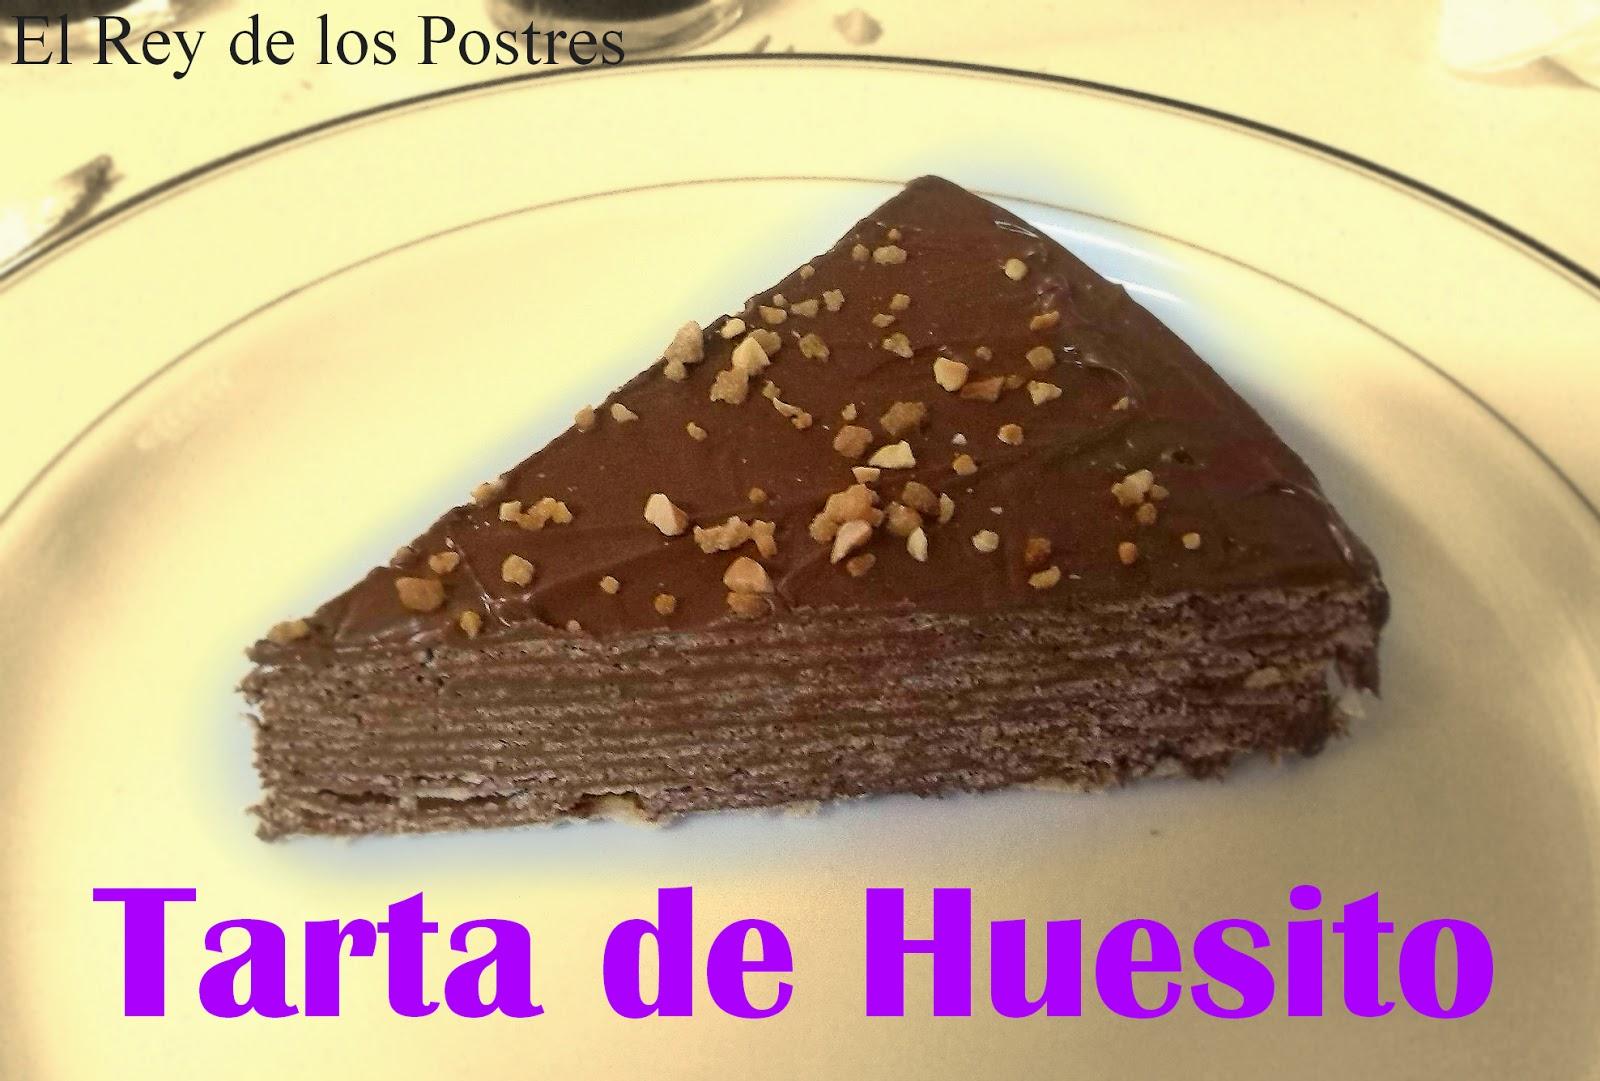 Tarta de Huesito.